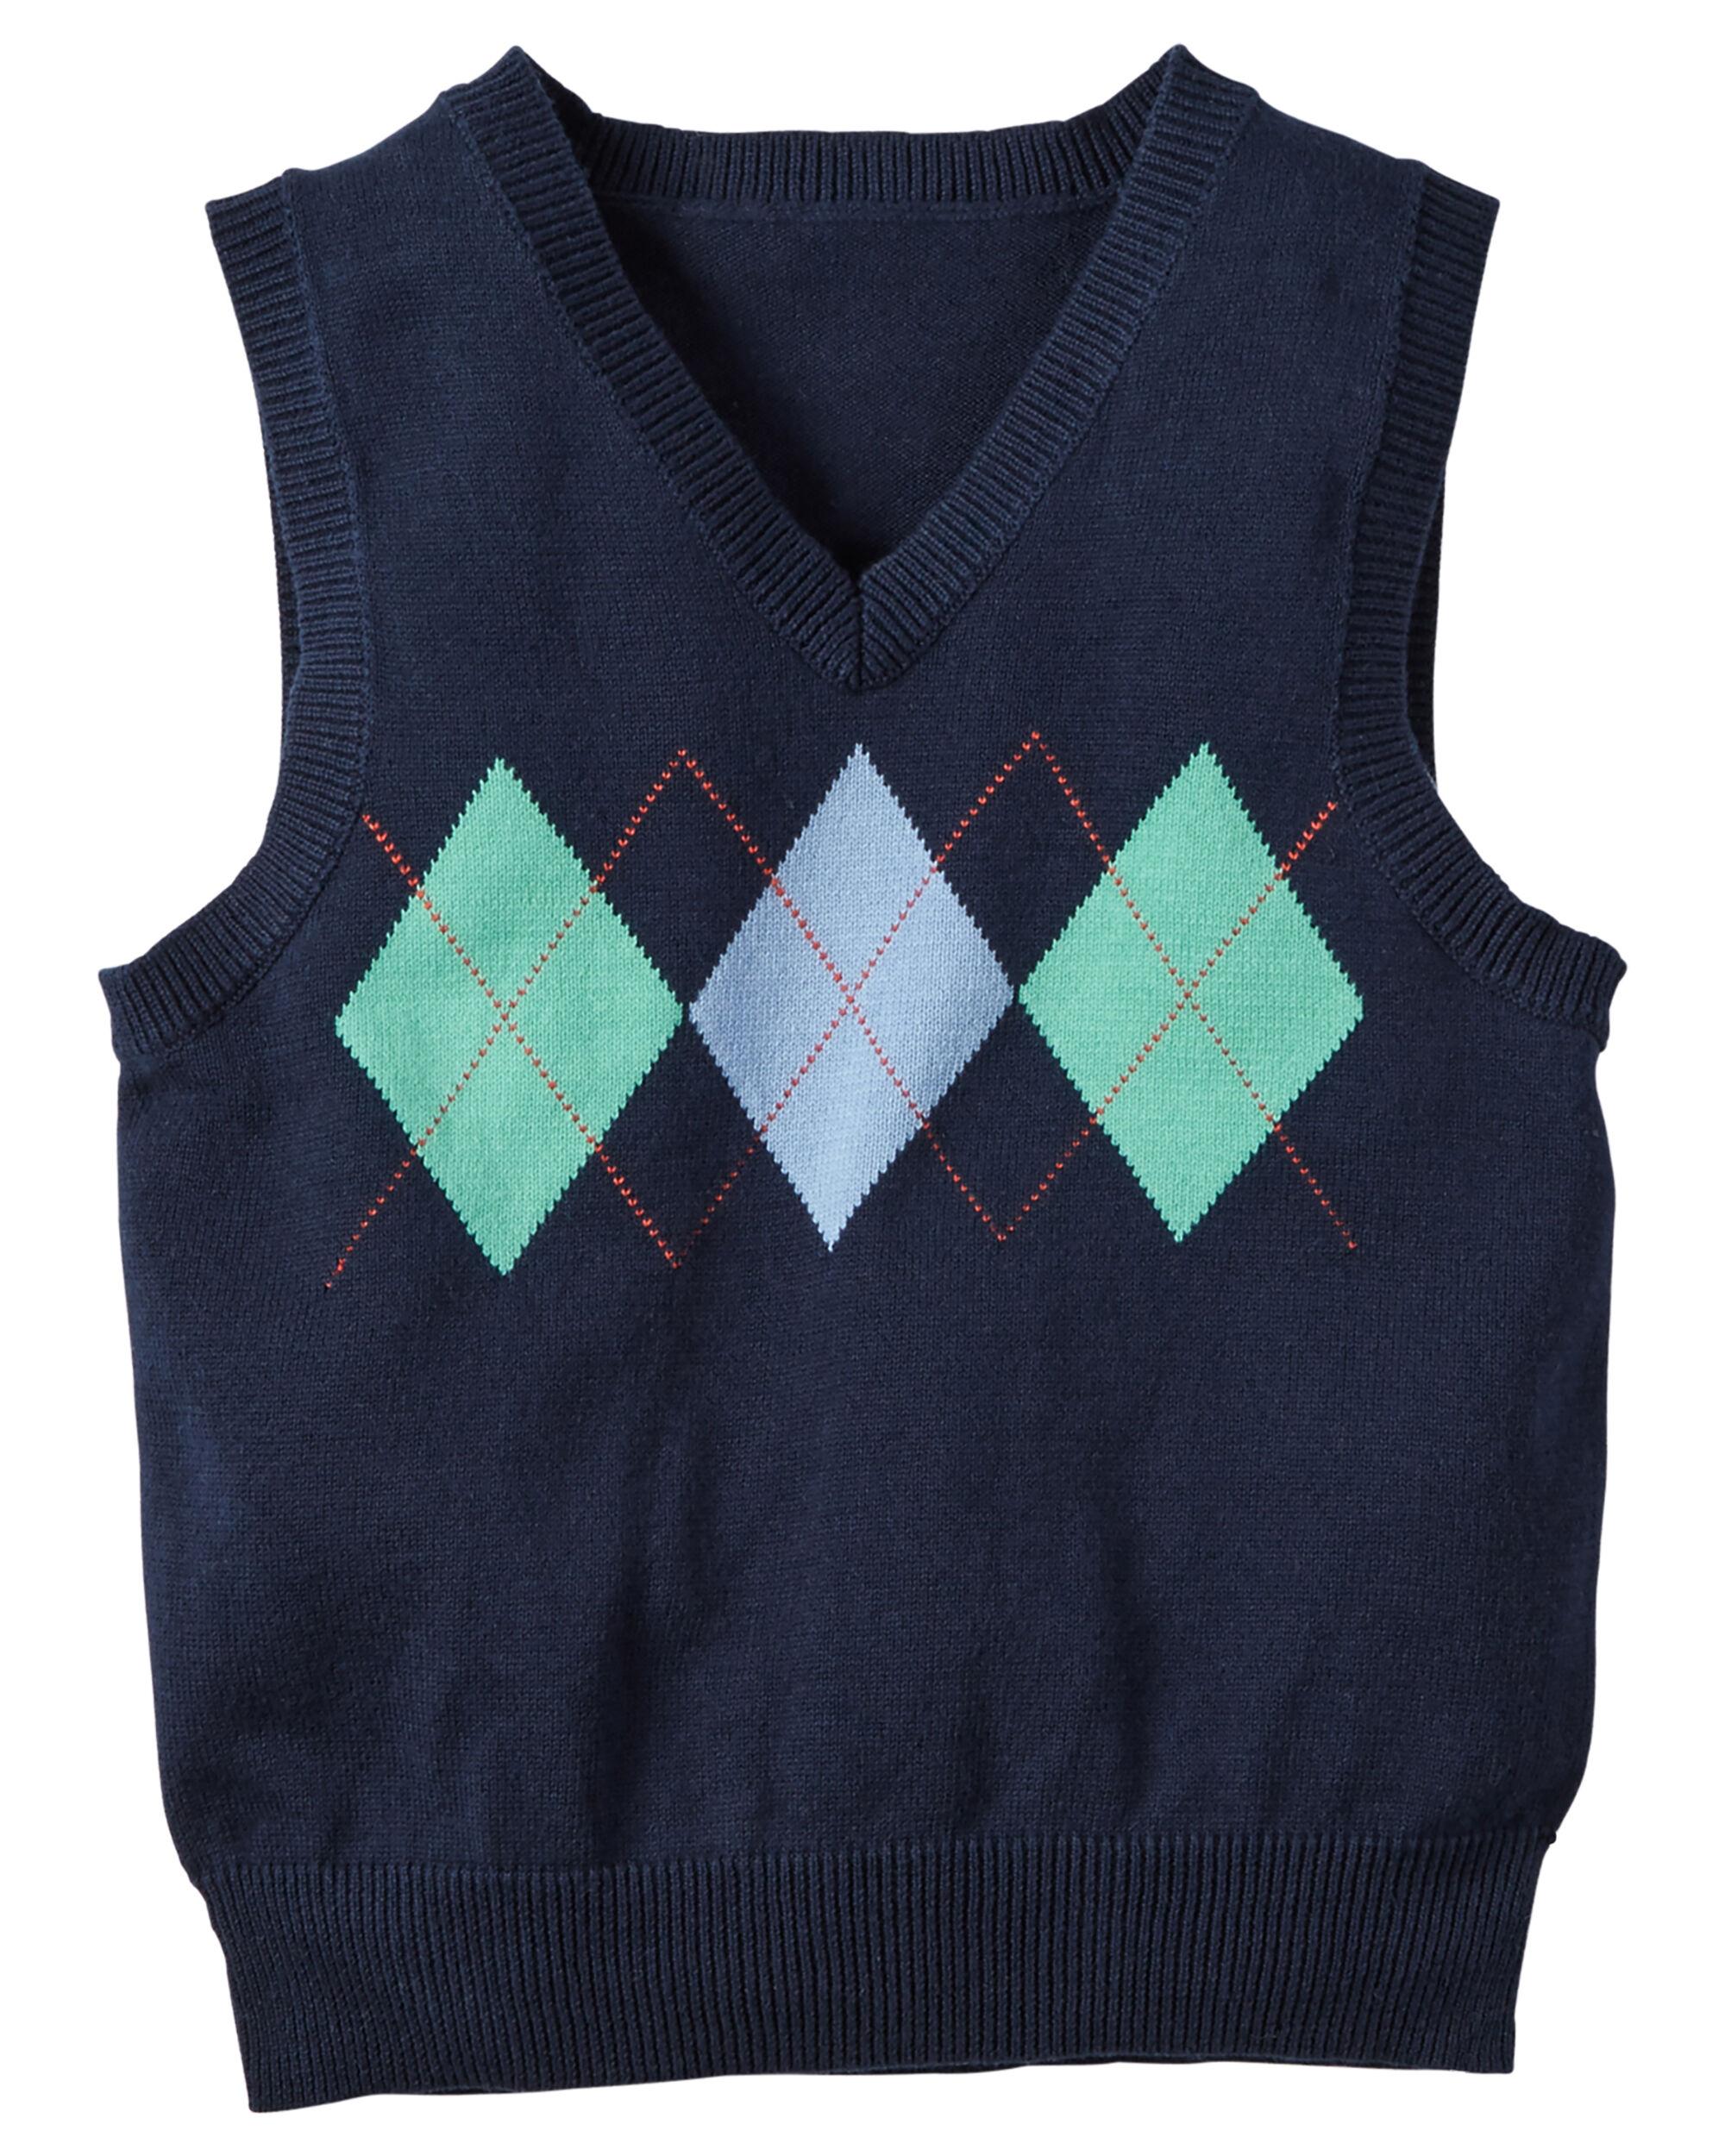 Argyle V-Neck Sweater Vest | Carters.com